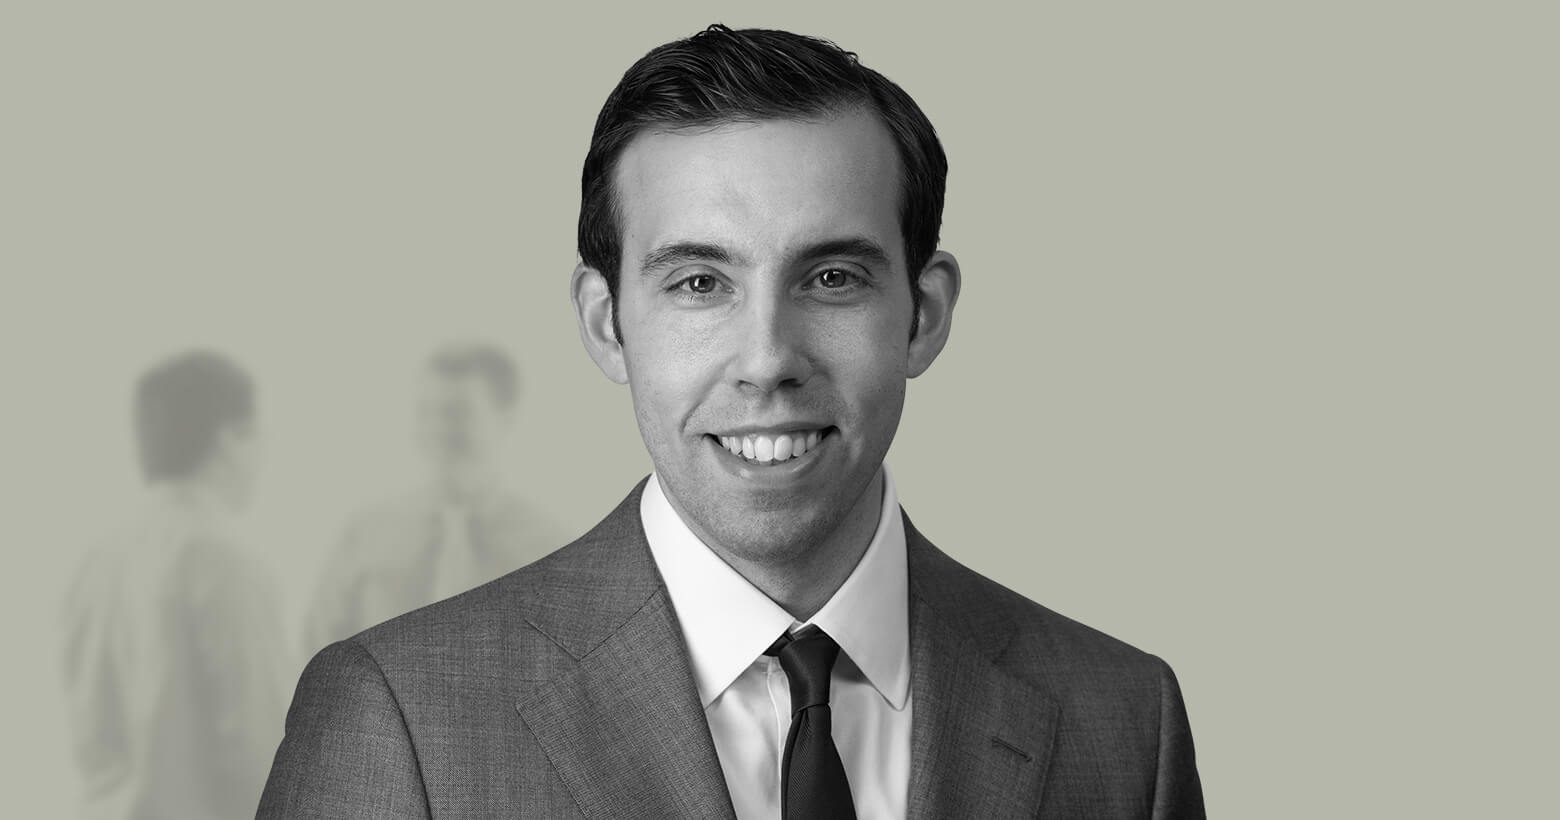 Michael Peragine